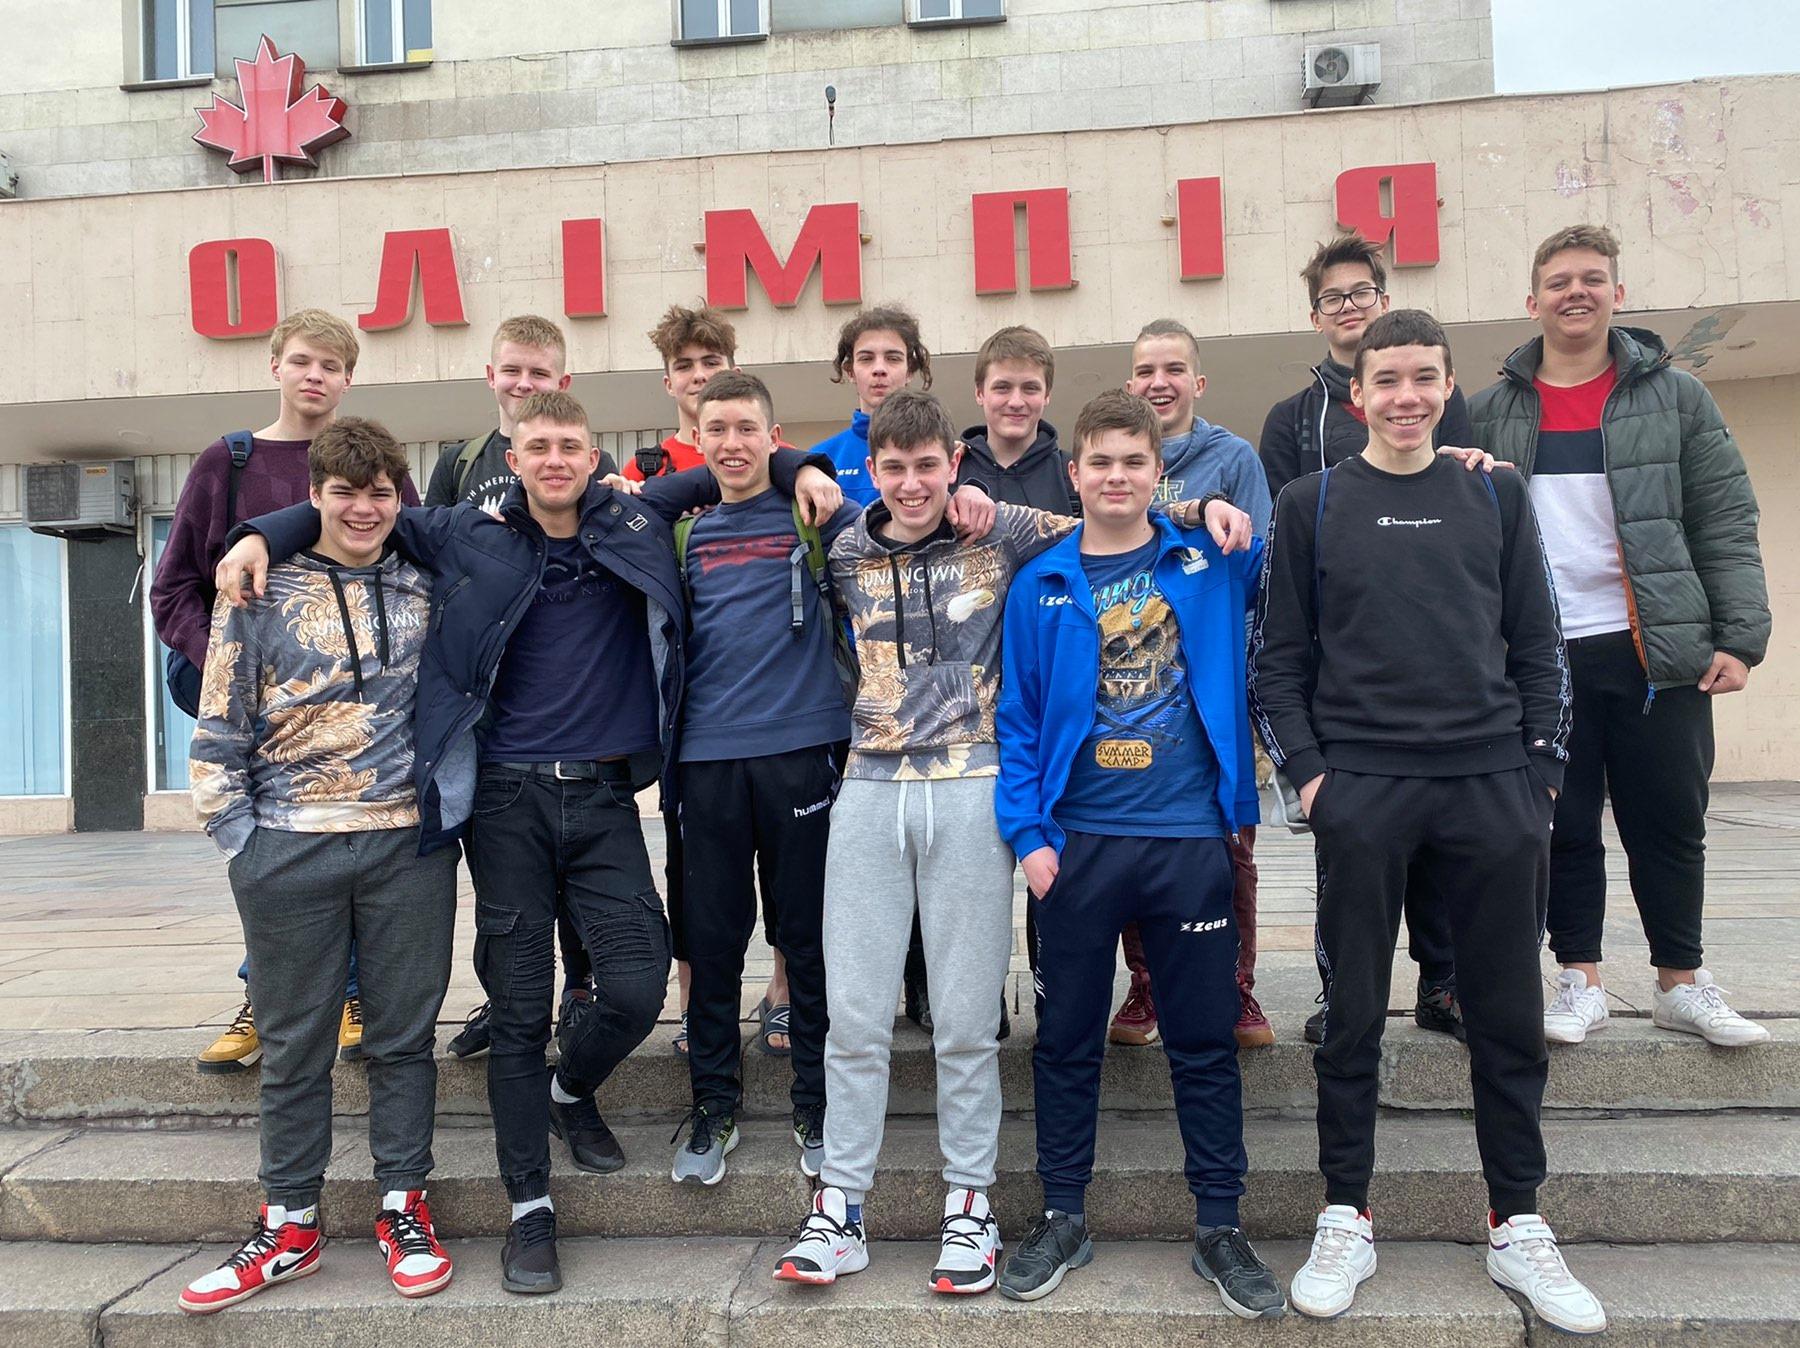 Збірна Закарпатської області успішно виступила у II турі Чемпіонату, який проходив 30 березня- 3 квітня в м. Кам'янському на Дніпропетровщині.